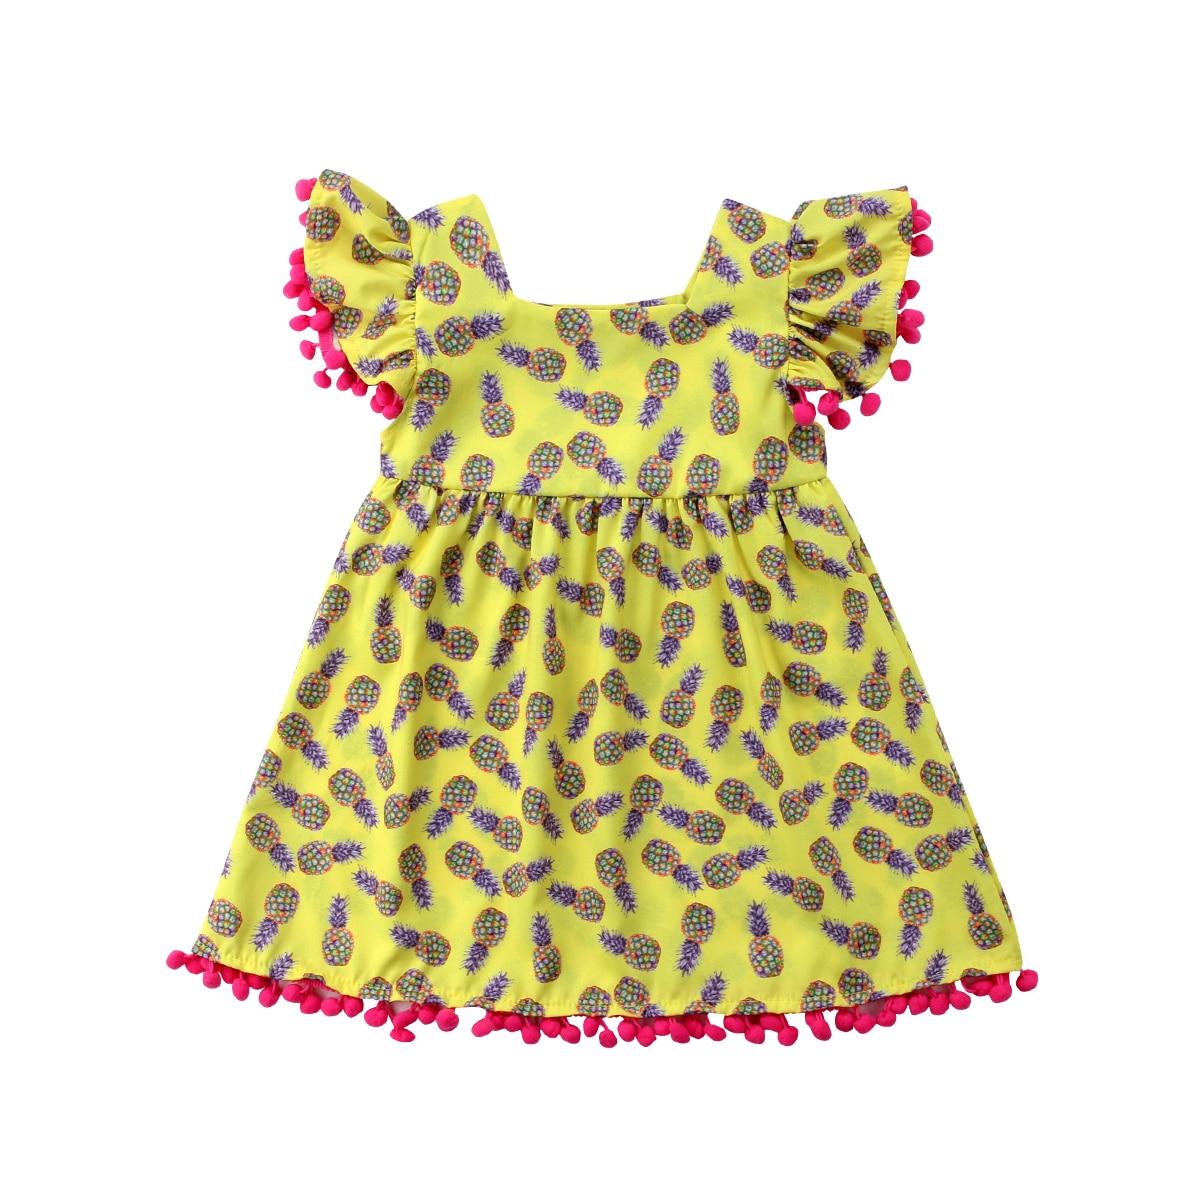 30e986b56 Detalle Comentarios Preguntas sobre Dulce princesa vestido recién nacido niños  bebé piña imprimir fiesta de cumpleaños vestidos del desfile en ...